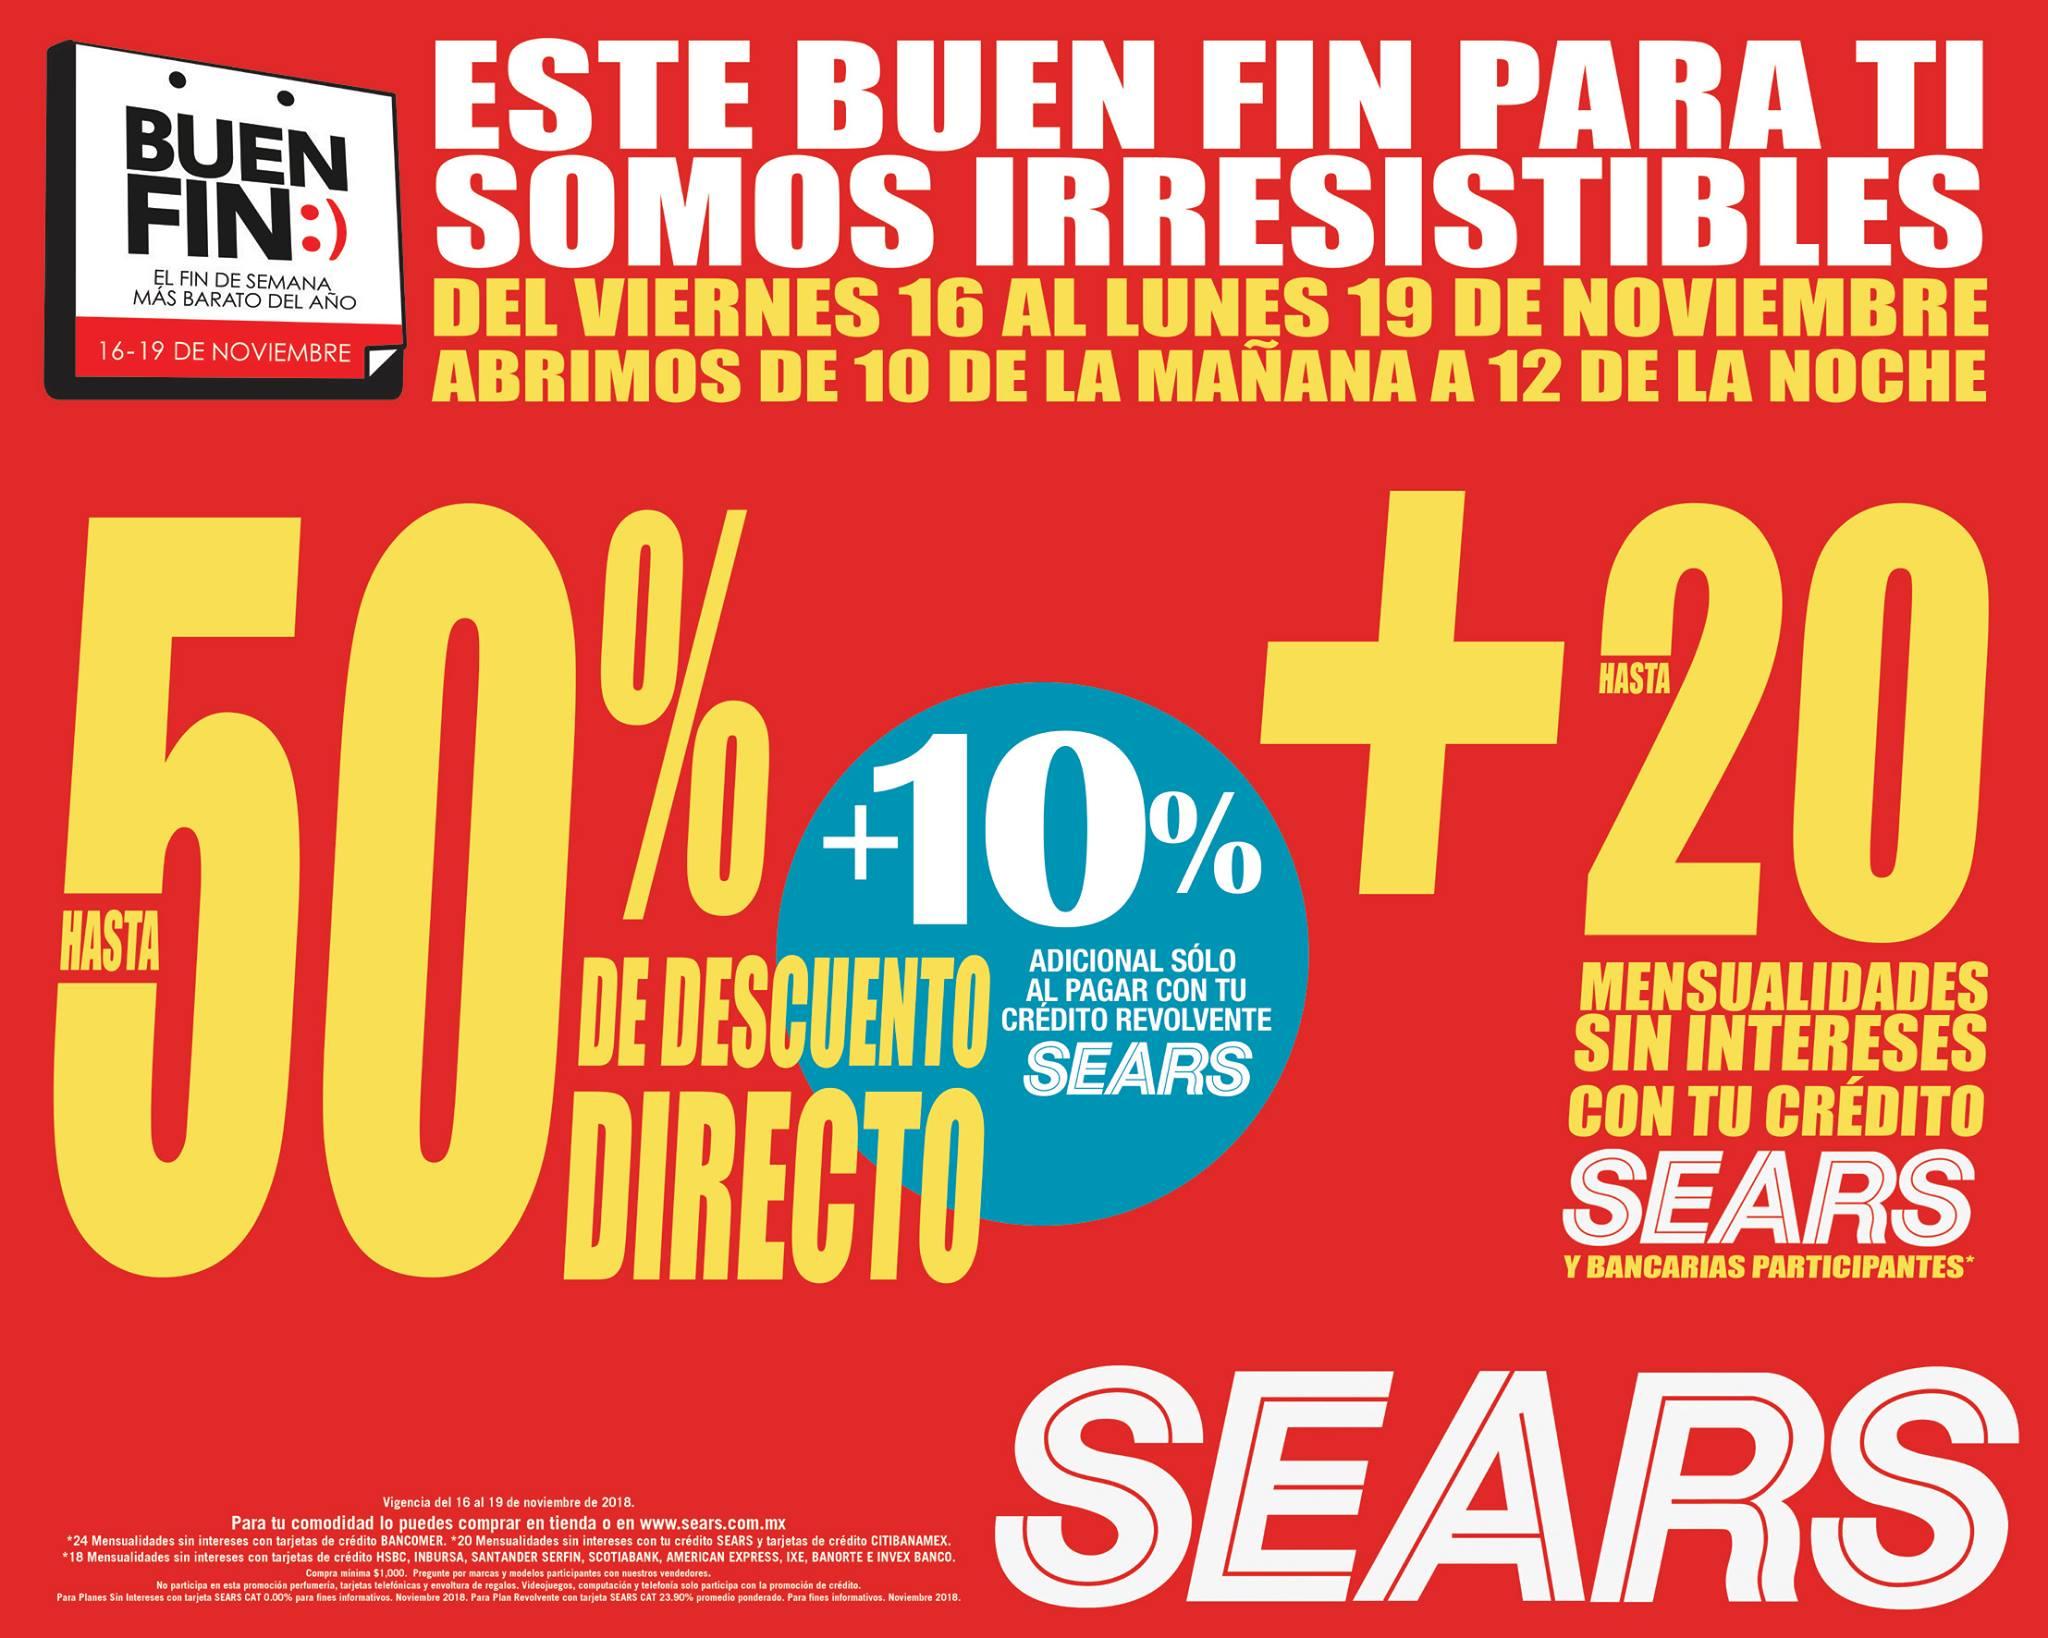 Ofertas El Buen Fin 2018 en Sears: hasta 50% de descuento y hasta 20 MSI